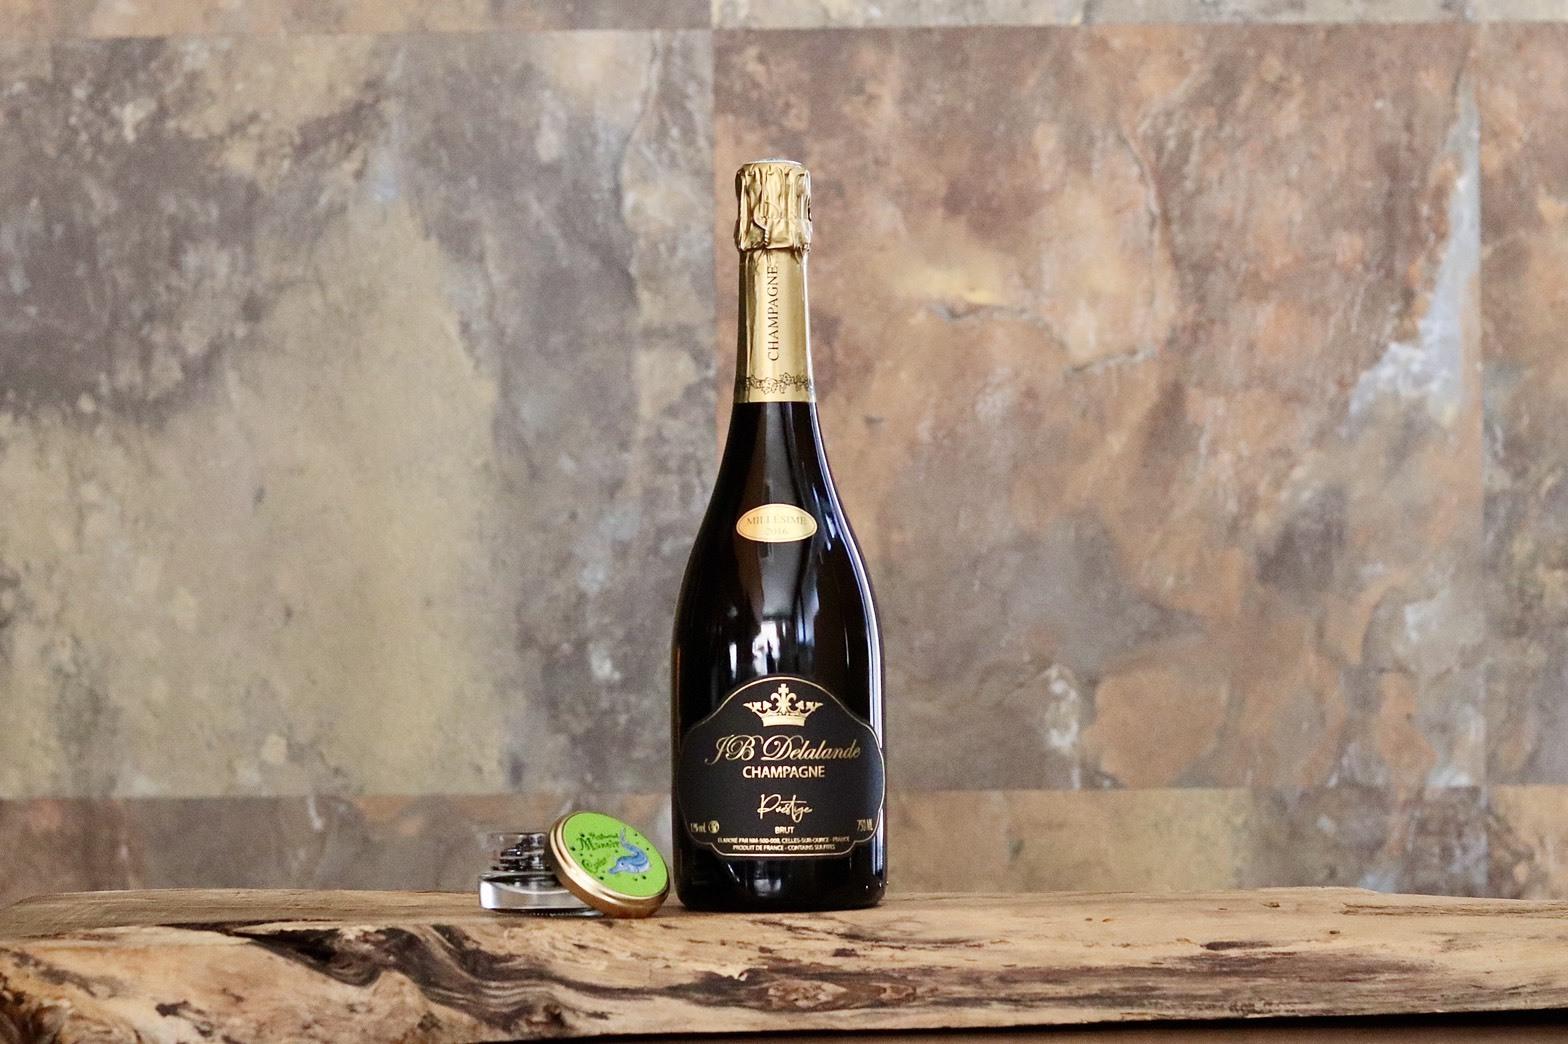 【セット割引】マノワのオリジナル2016年ヴィンテージシャンパーニュ1本とマノワのオリジナルキャビア15g瓶のセット